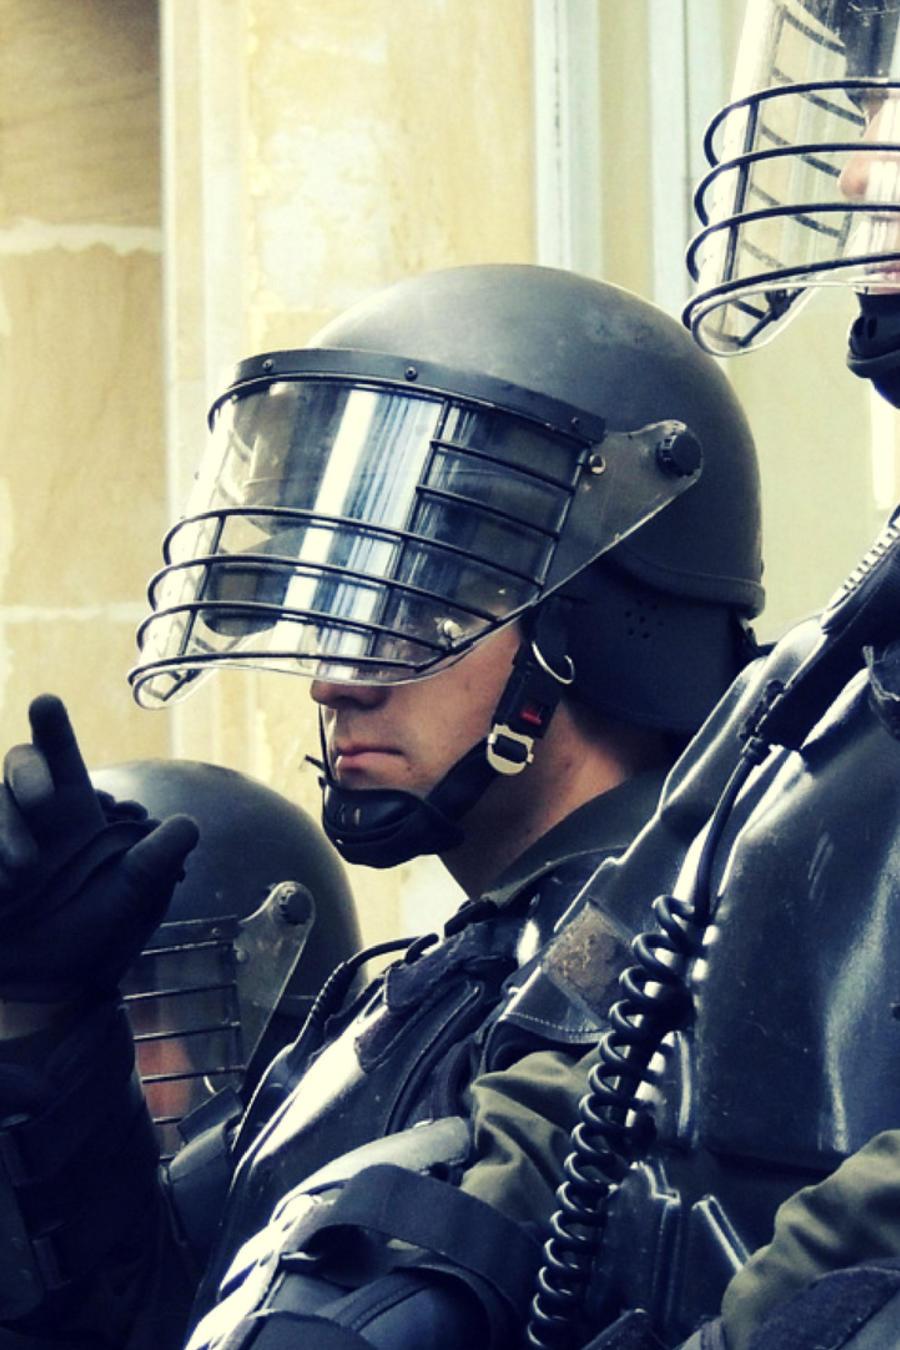 En la grabación que ha sido retomada por varios medios internacionales, se puede ver a miembros del equipo de armas y tácticas especiales intentando entrar a una casa